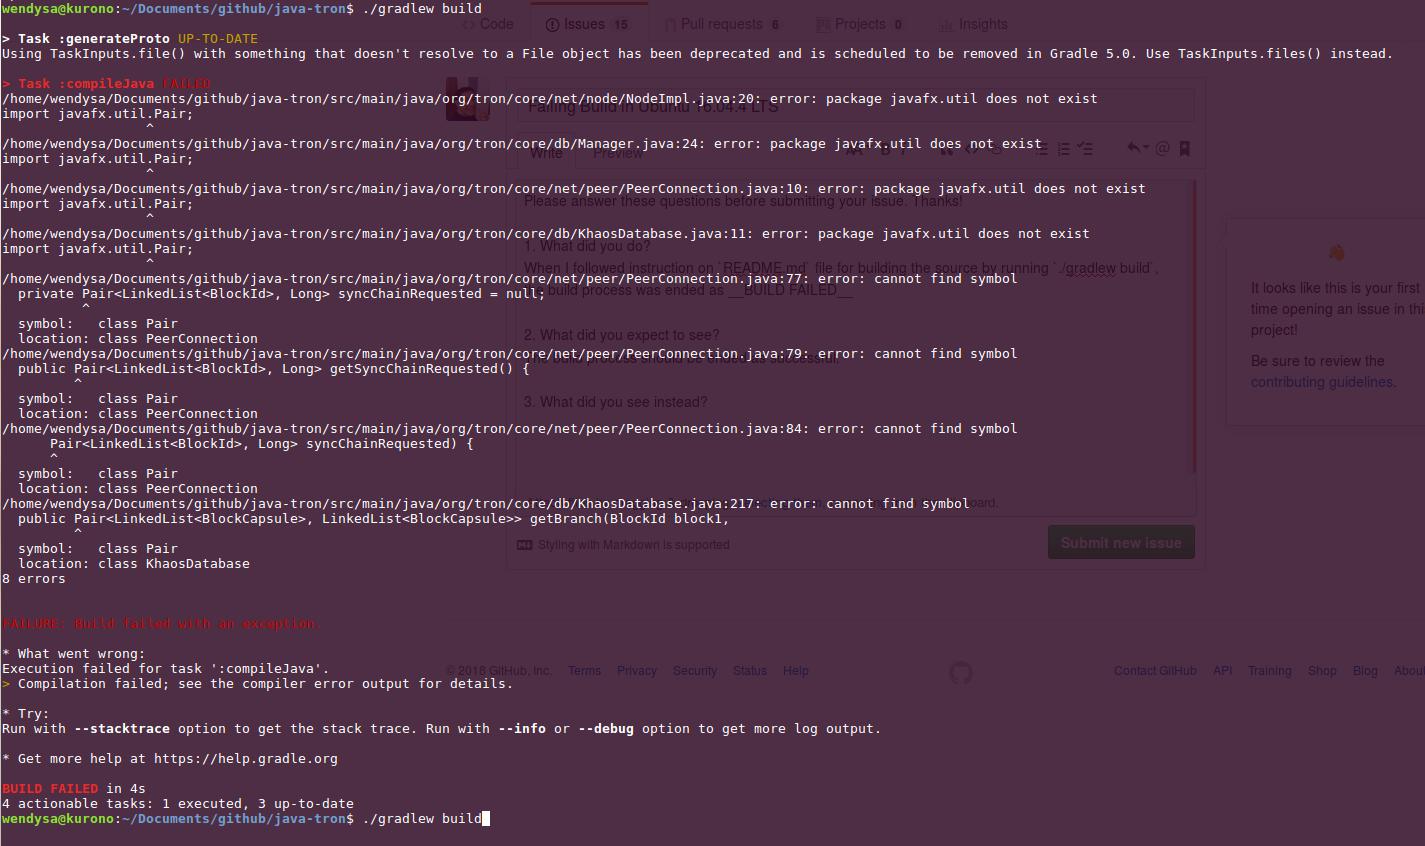 install oracle java 8 ubuntu apt-get